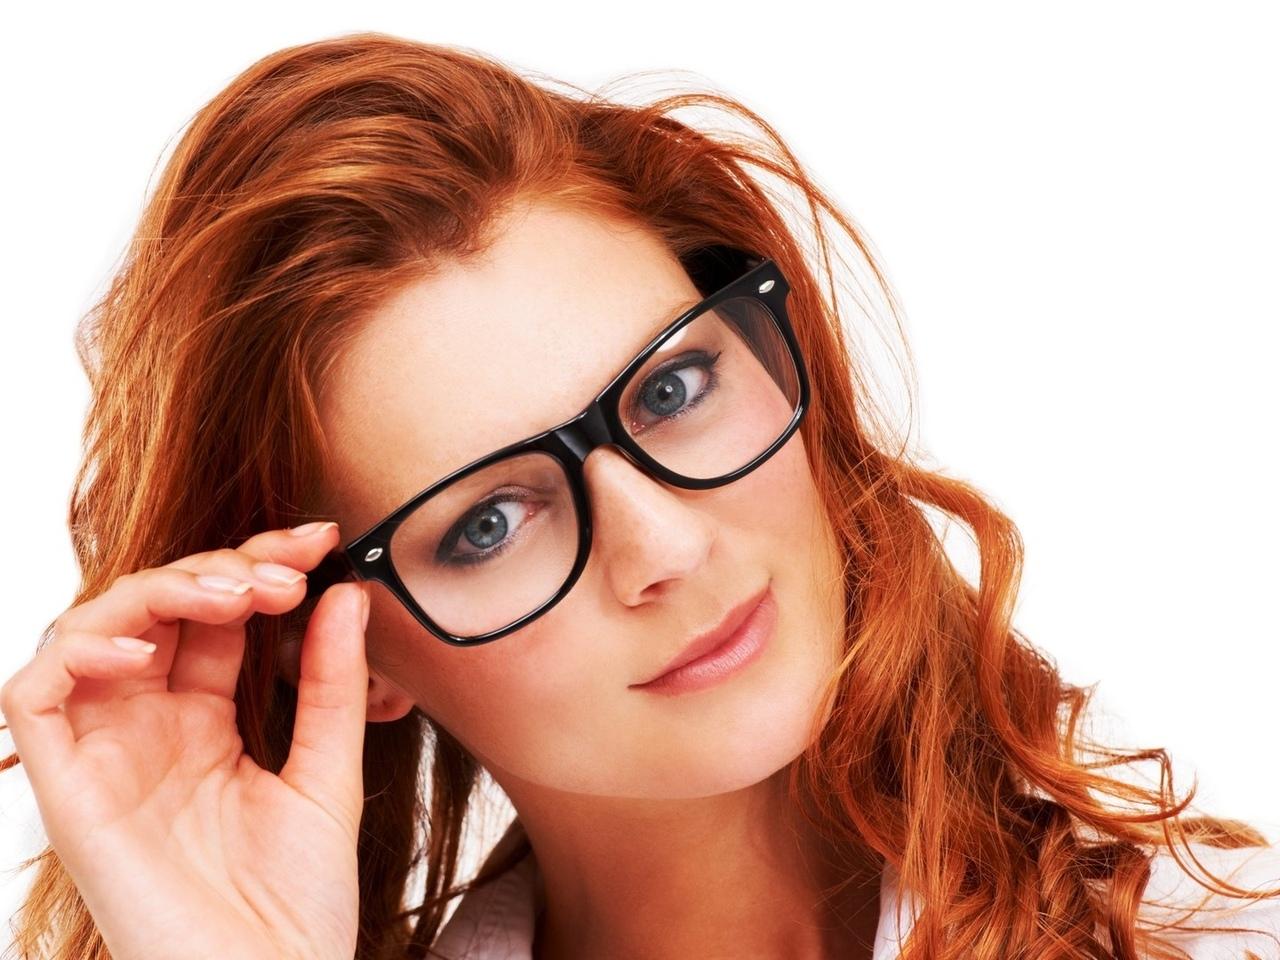 Женщина в очках 7 фотография